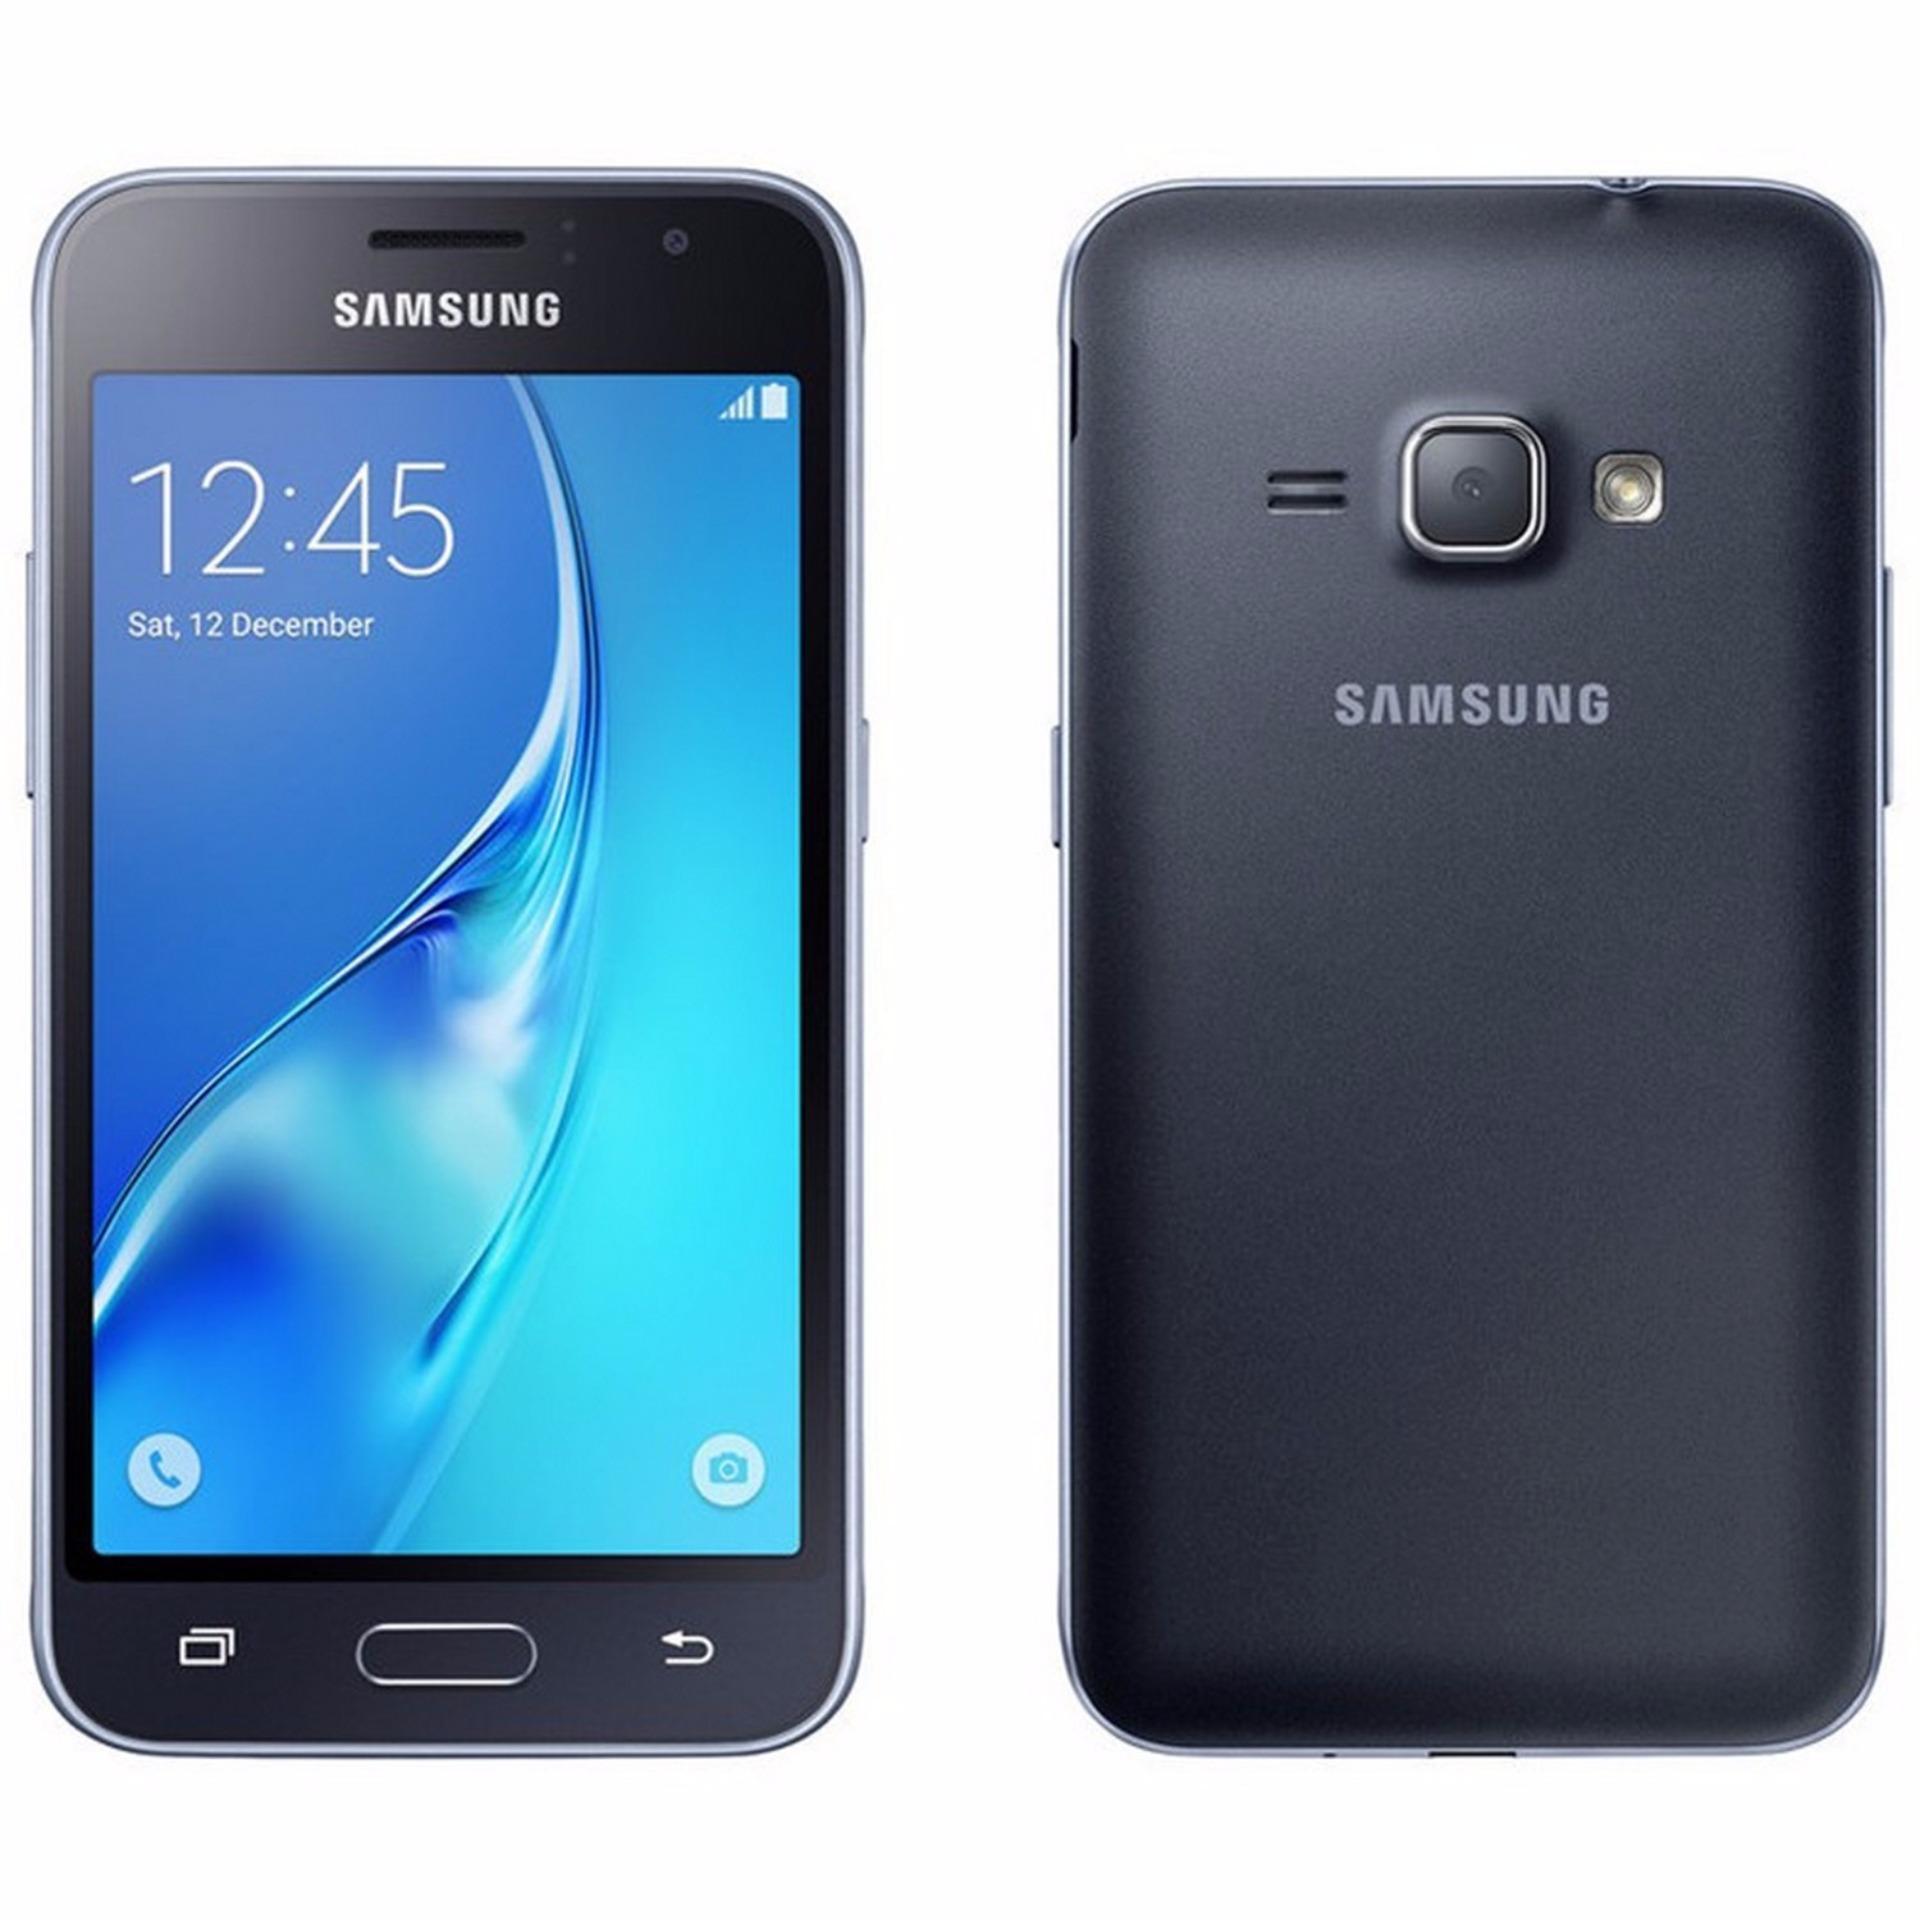 Daftar Harga Samsung Galaxi V2 Sm J106 Garansi Resmi Galaxy 8gb Putih Indonesiasein